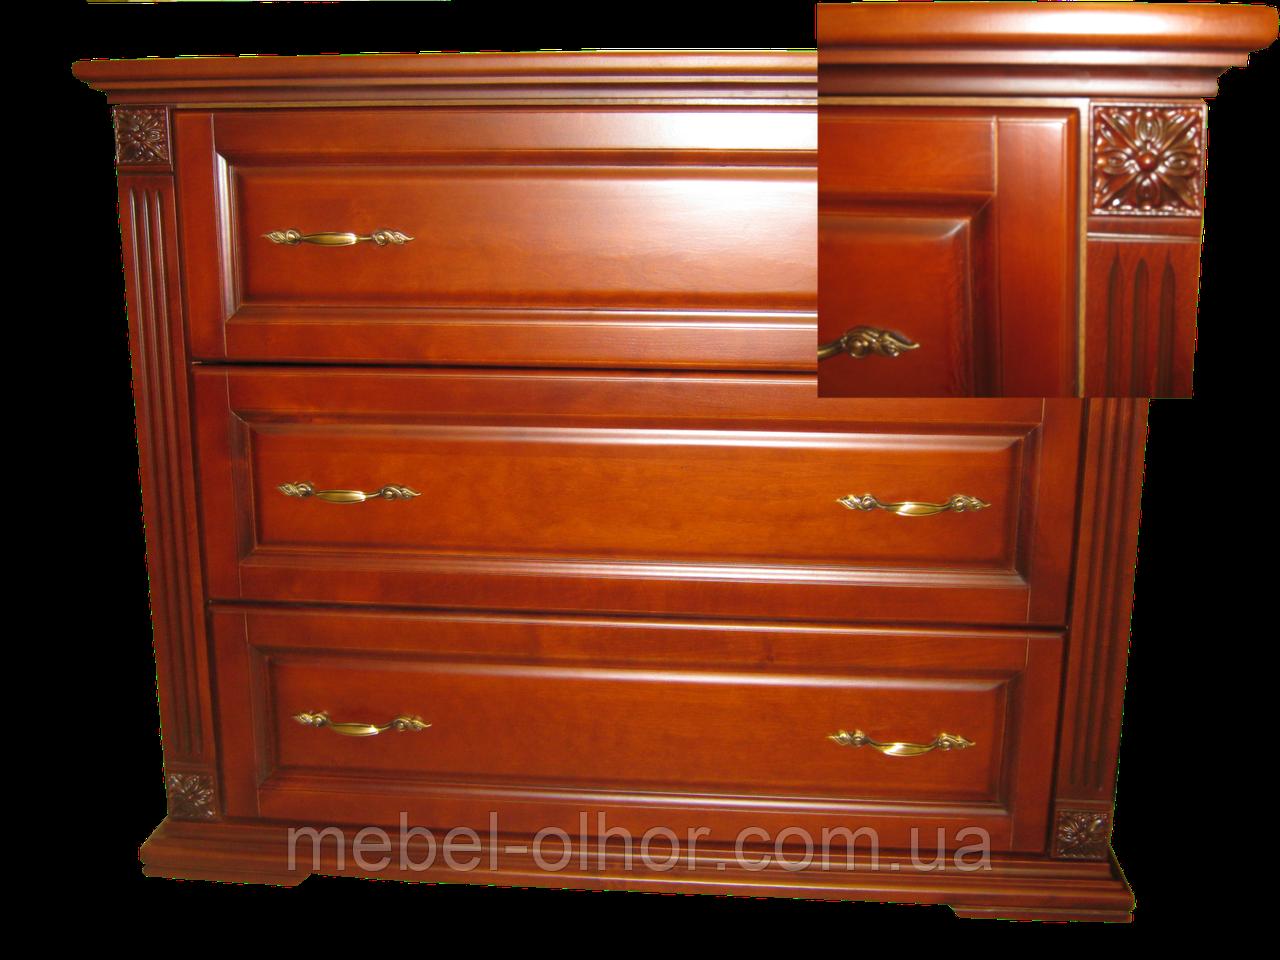 Комод деревянный Версаль-2 (90*100*45)